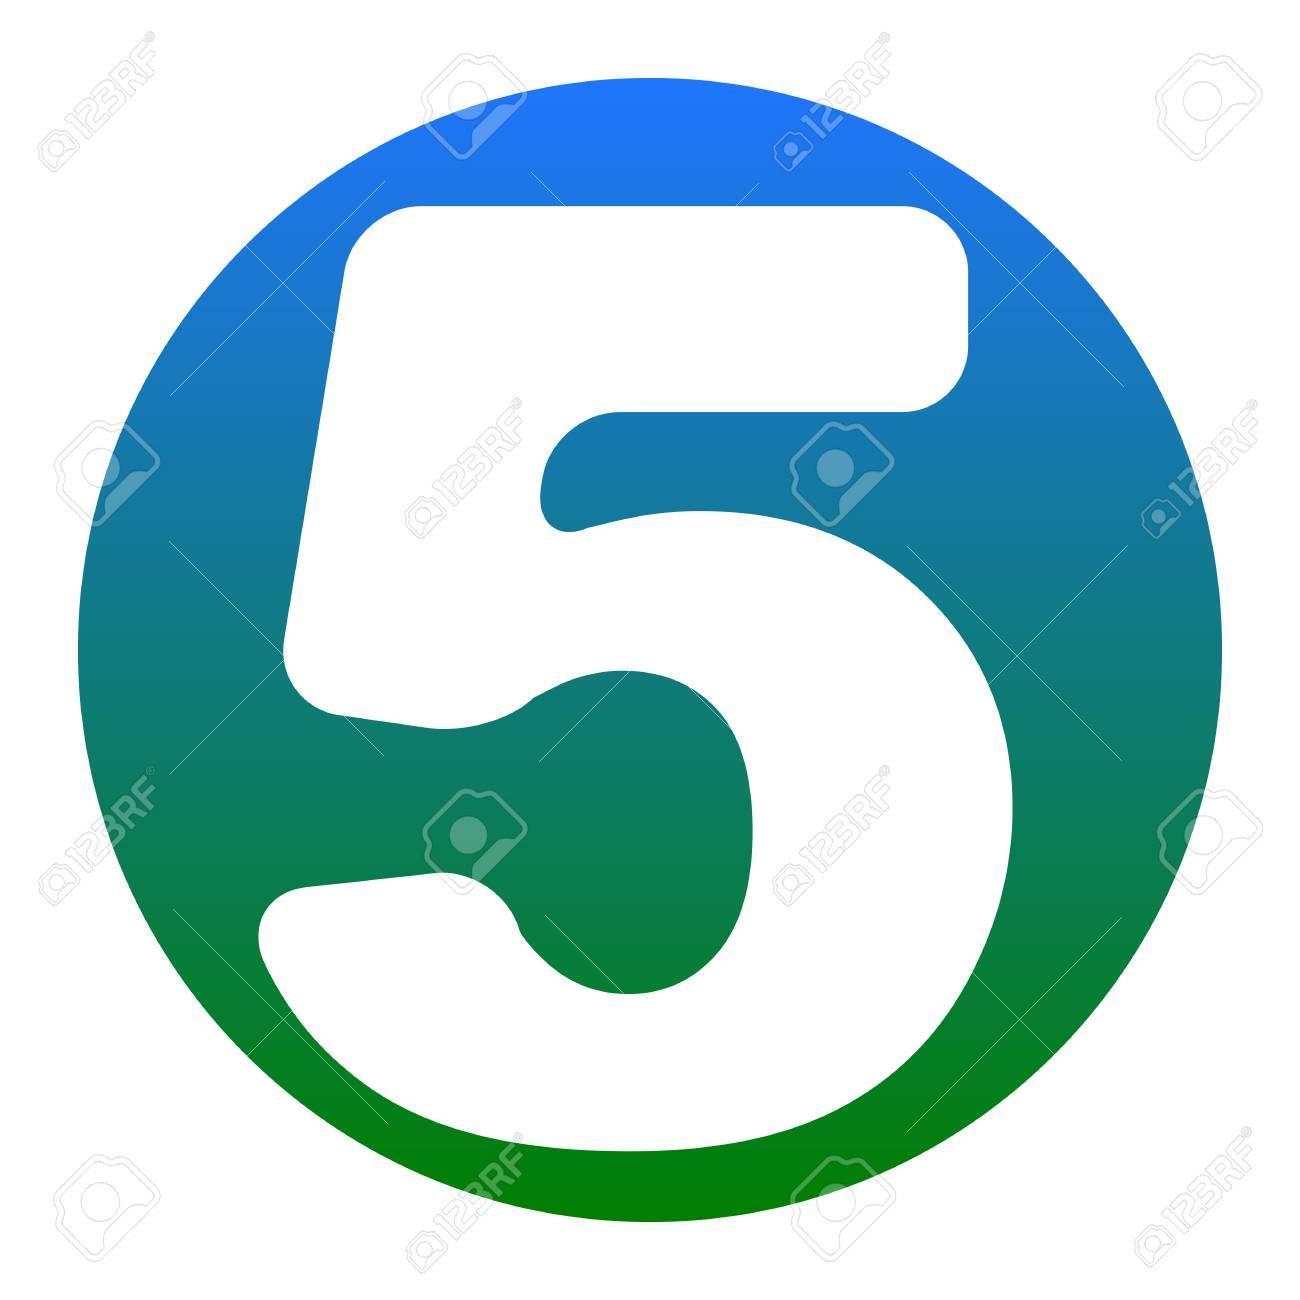 elemento de plantilla de diseño de signo de número 5 vector icono